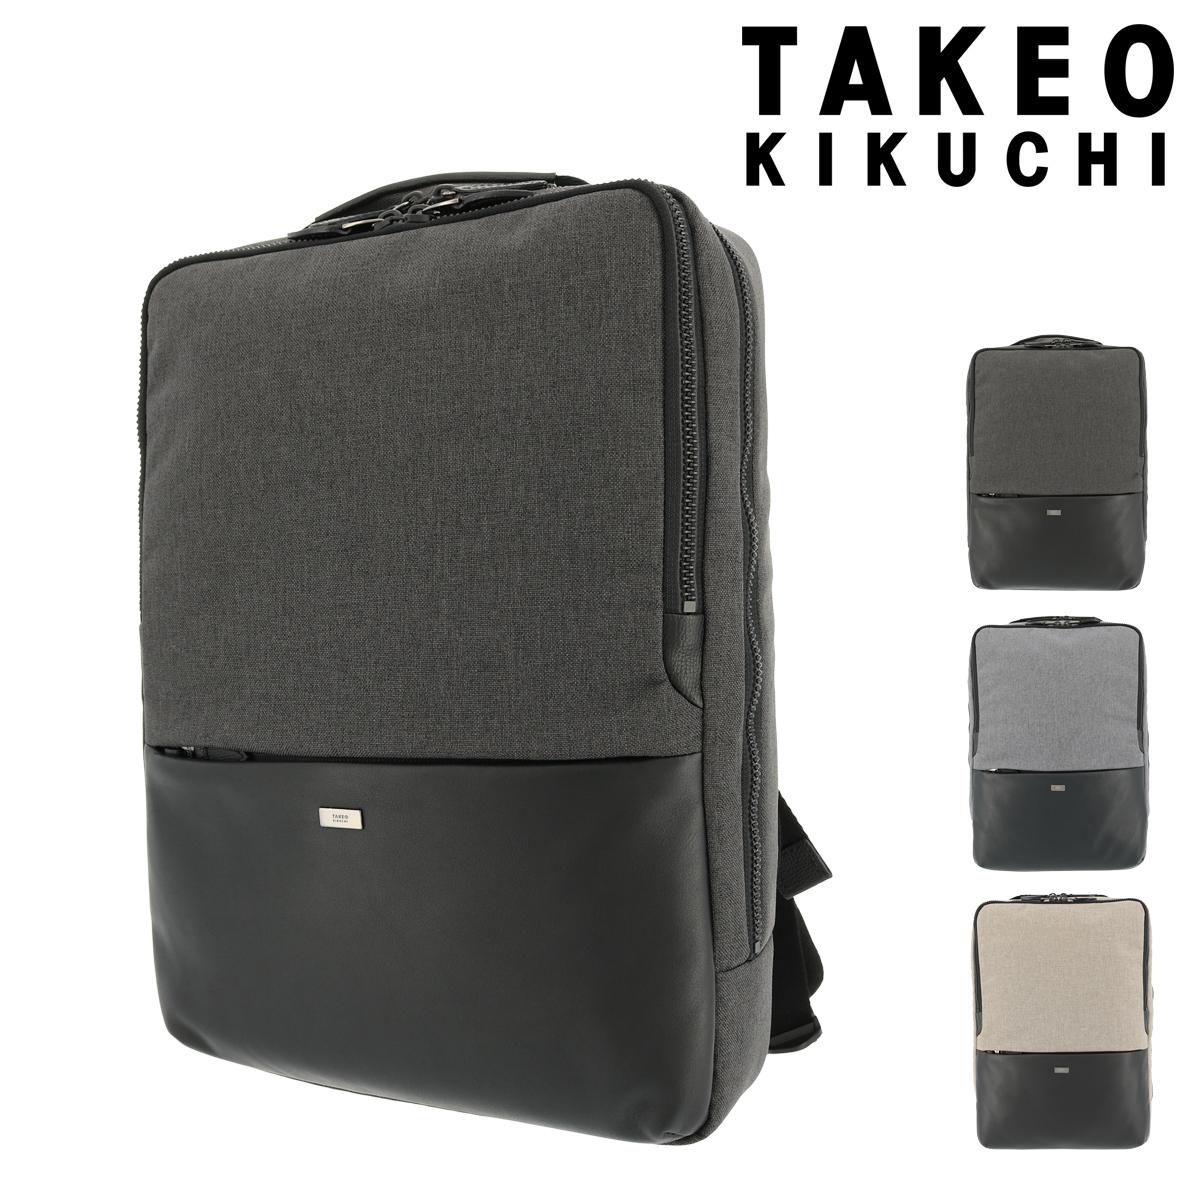 タケオキクチ リュック オーランド メンズ 753711 TAKEO KIKUCHI | リュックサック バックパック スクエア 軽量 ビジネスリュック 本革 レザー [PO5][bef]